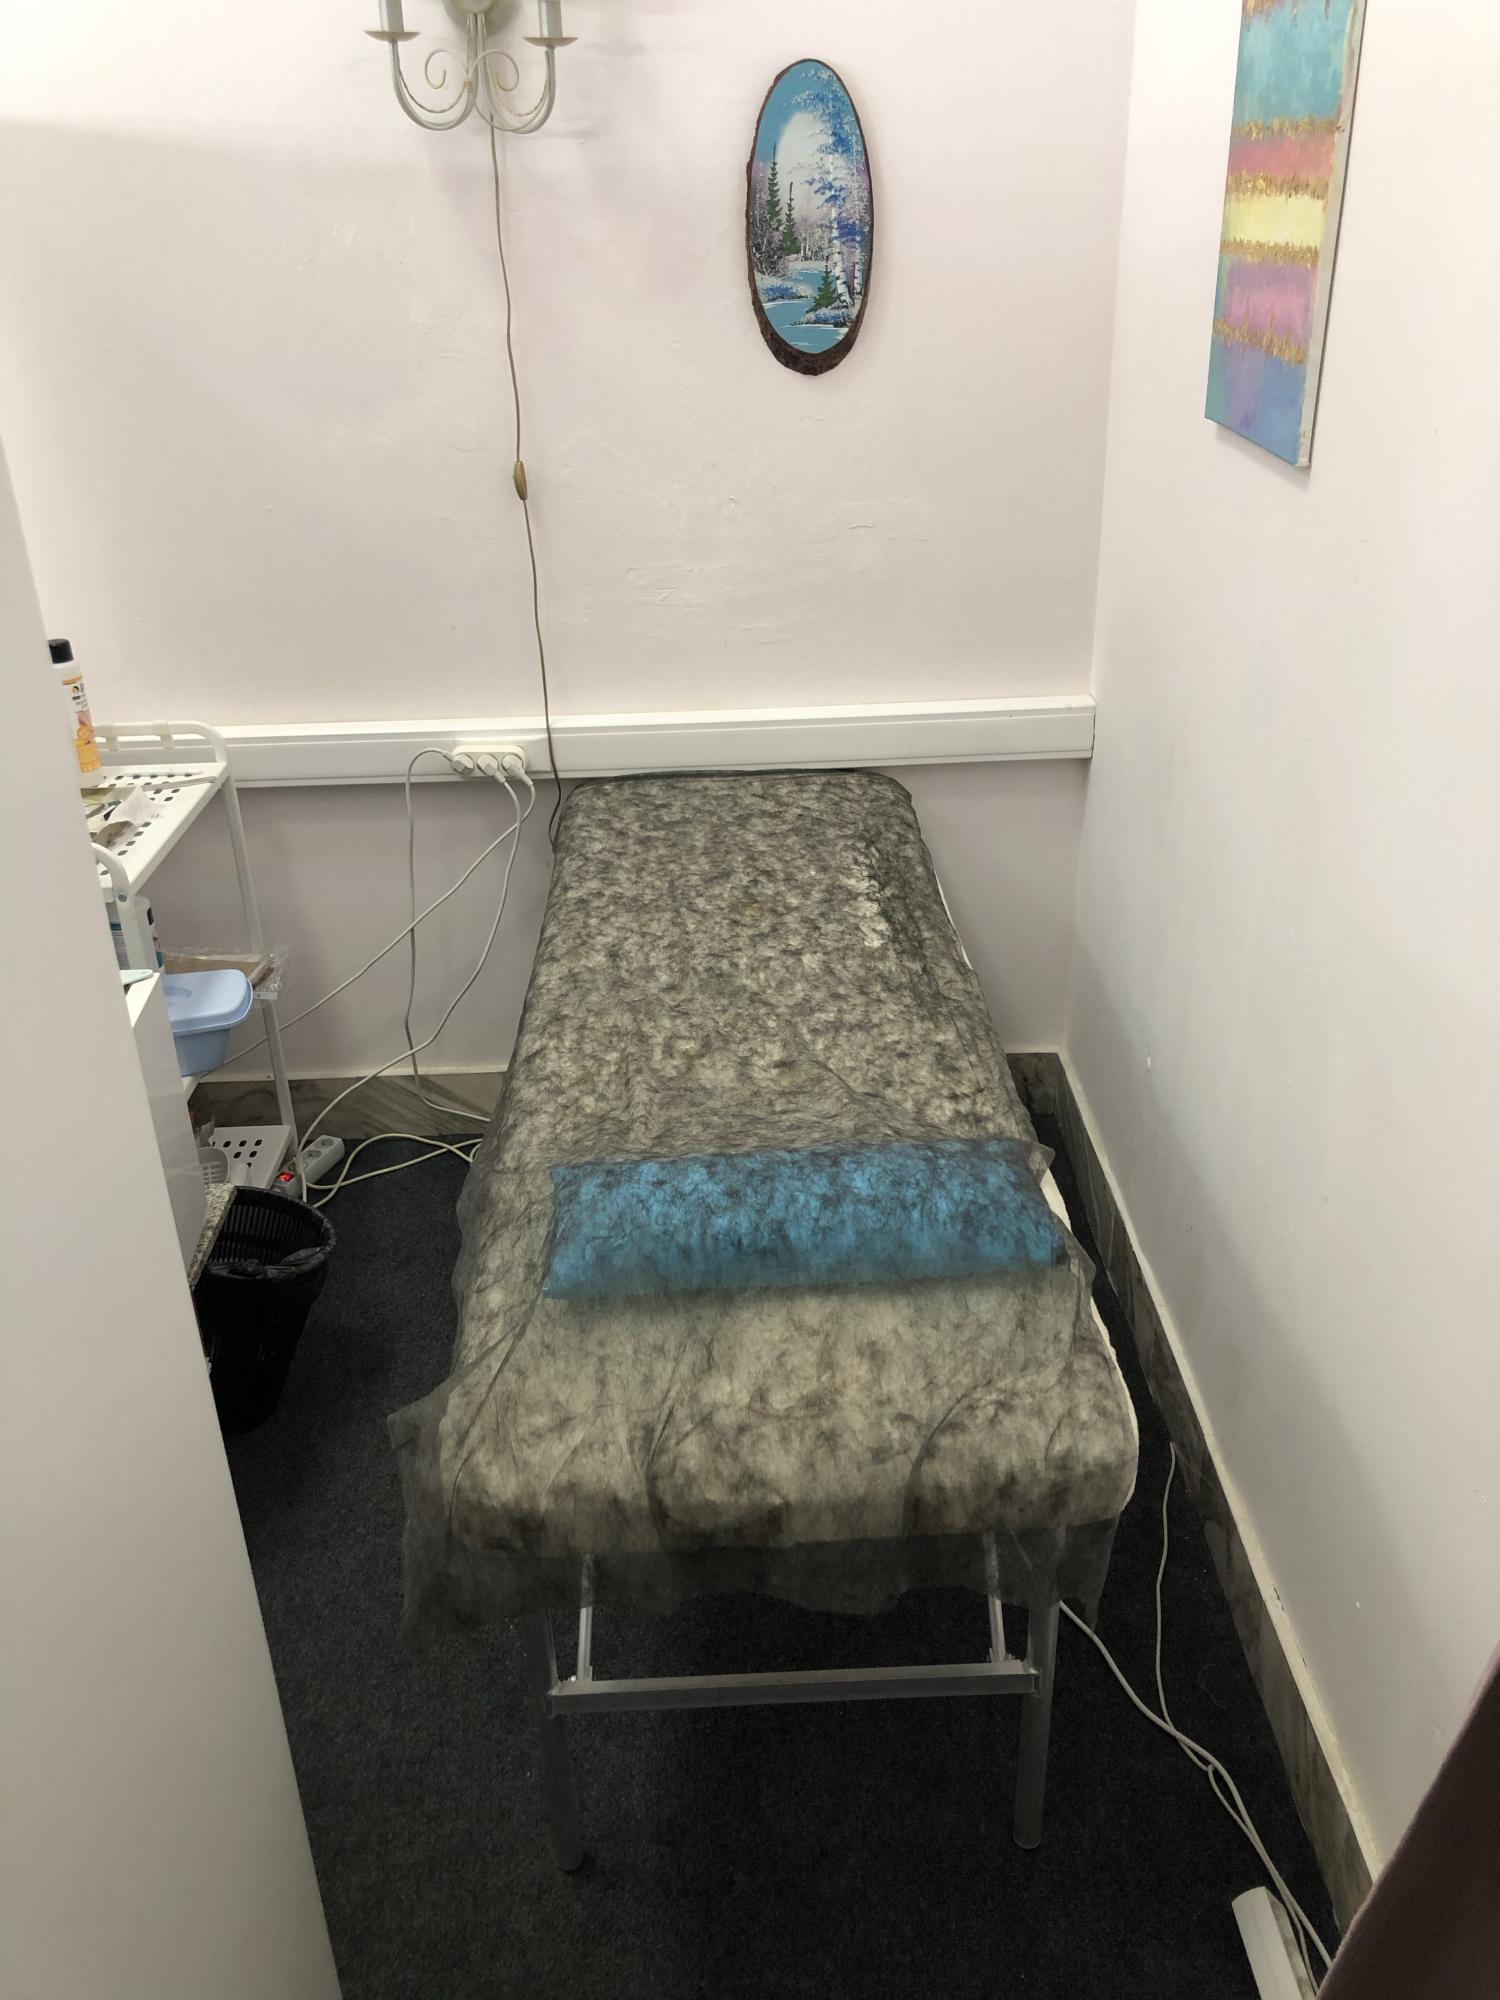 Сдам в аренду помещение для массажа или наращивани в Москве 89859515005 купить 1